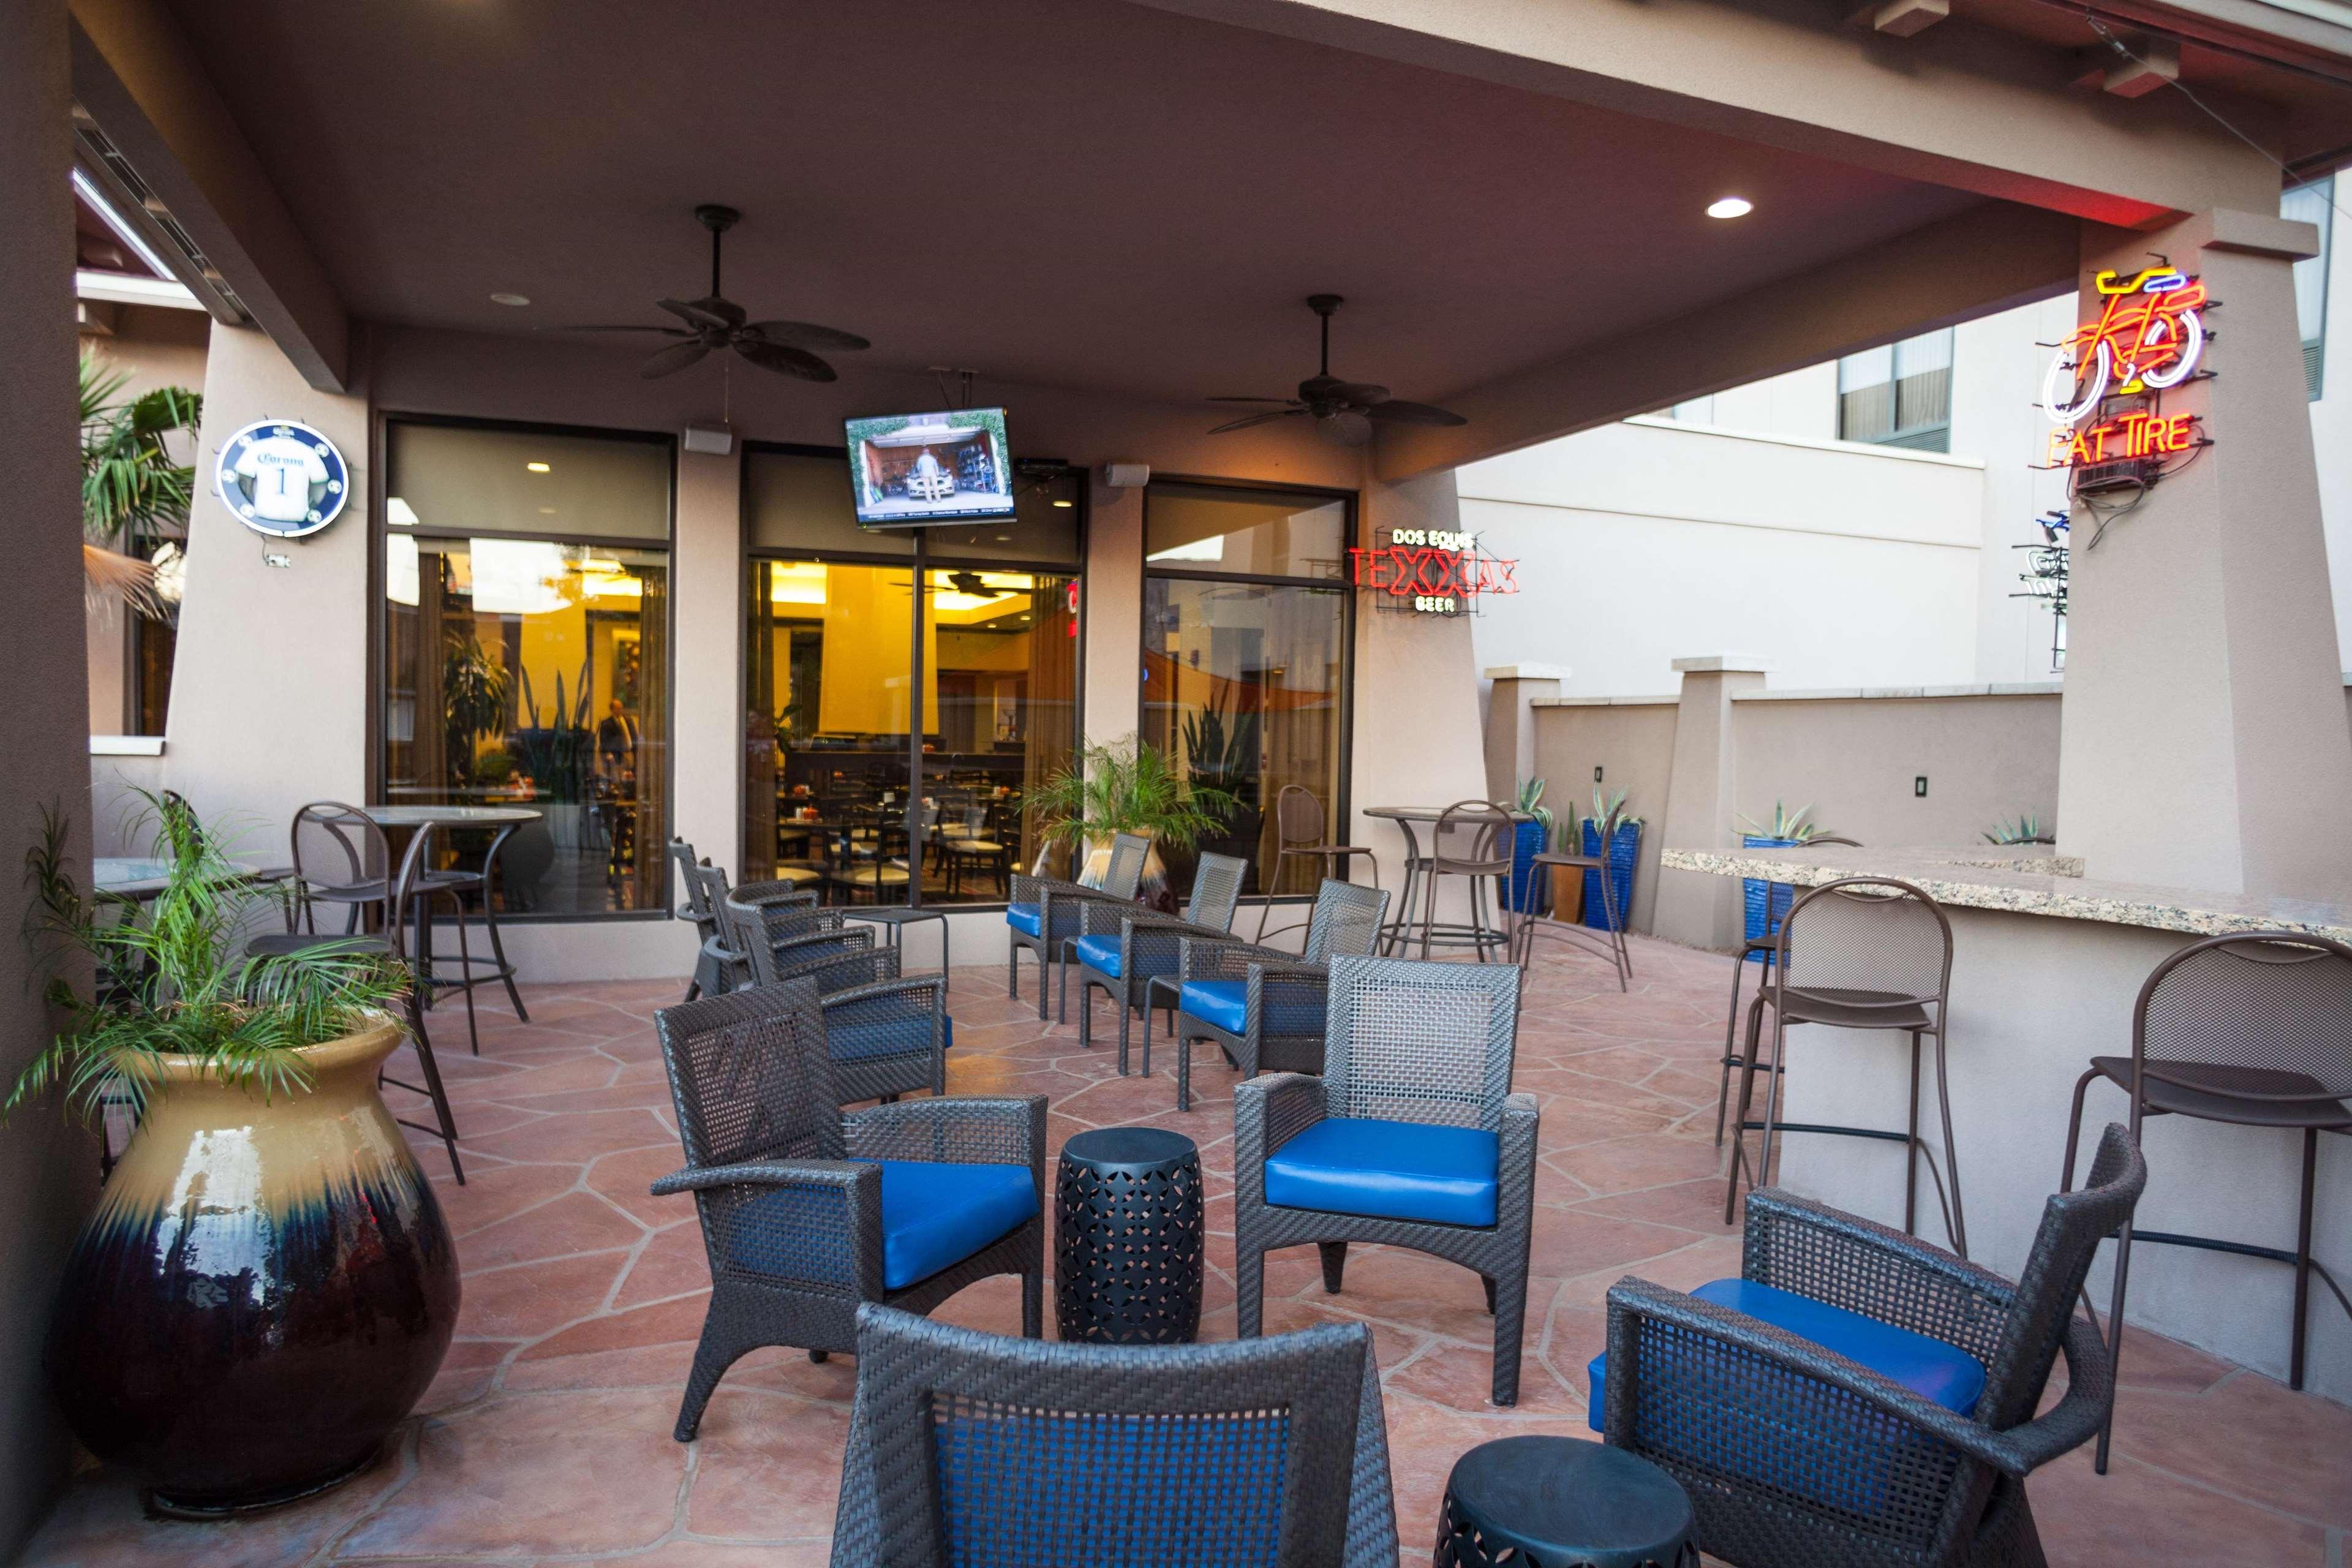 Hilton Garden Inn El Paso University In El Paso Tx 79902